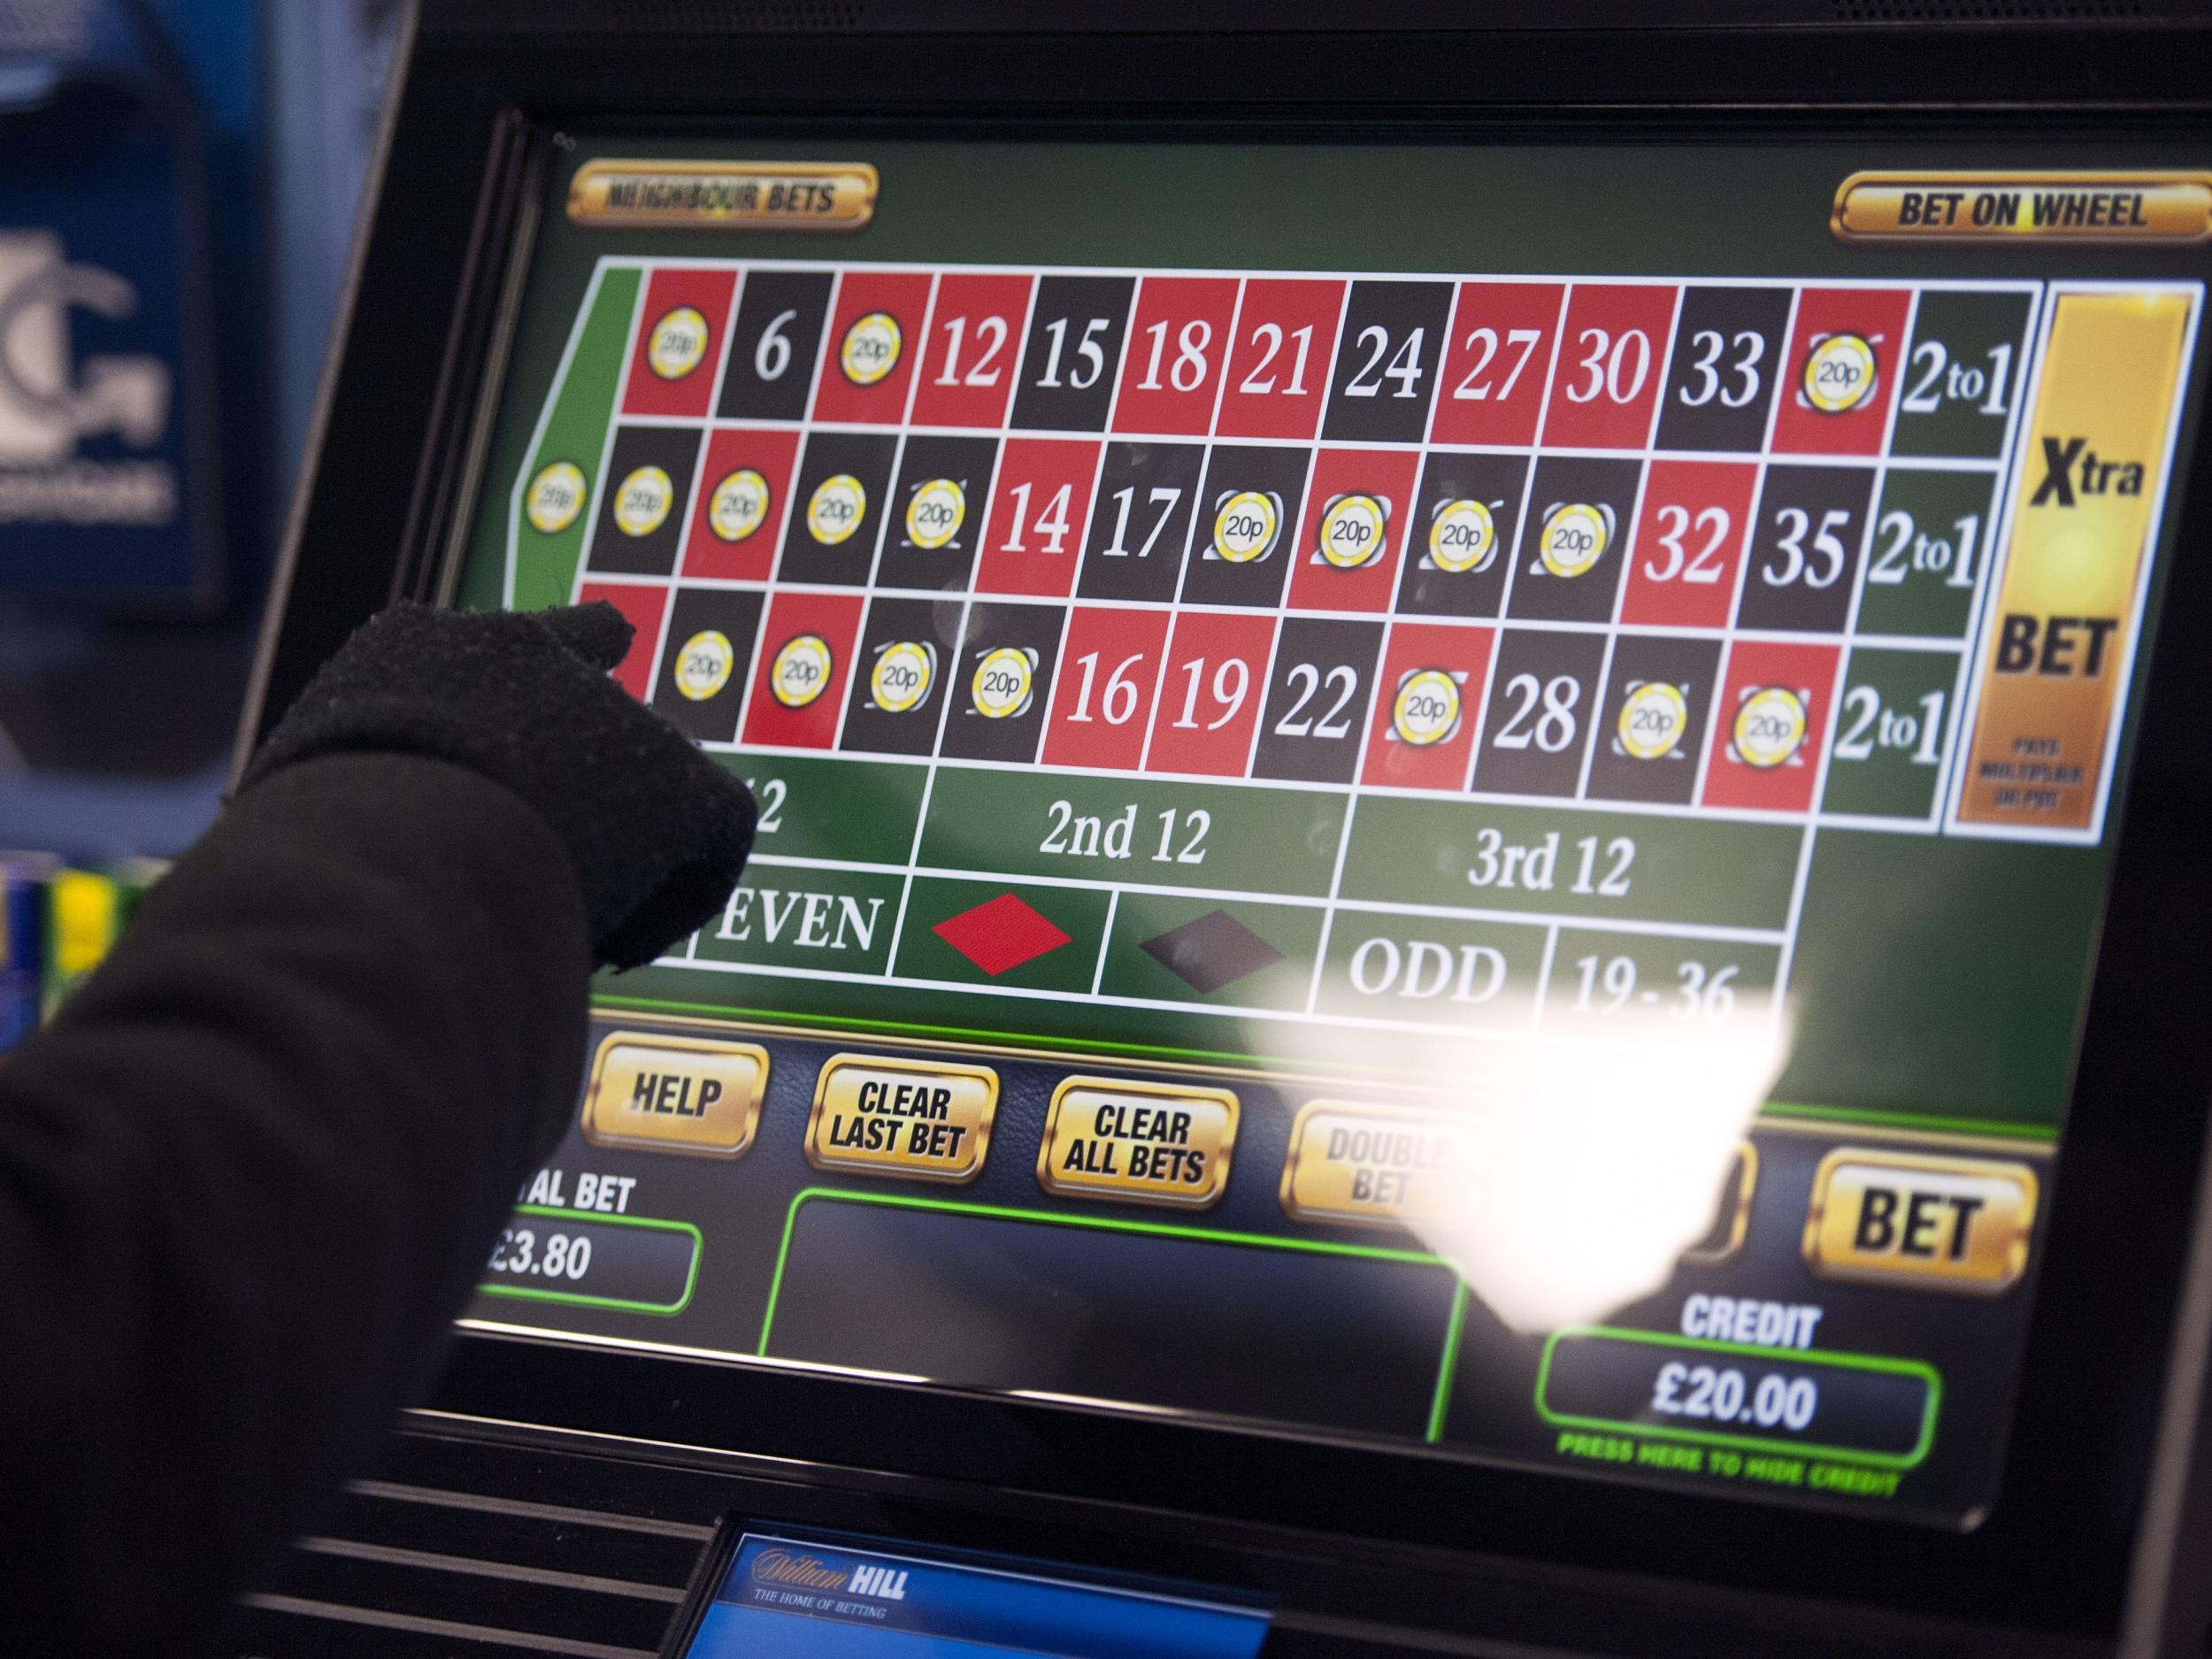 Bad odds gambling qld responsible gambling resource manual